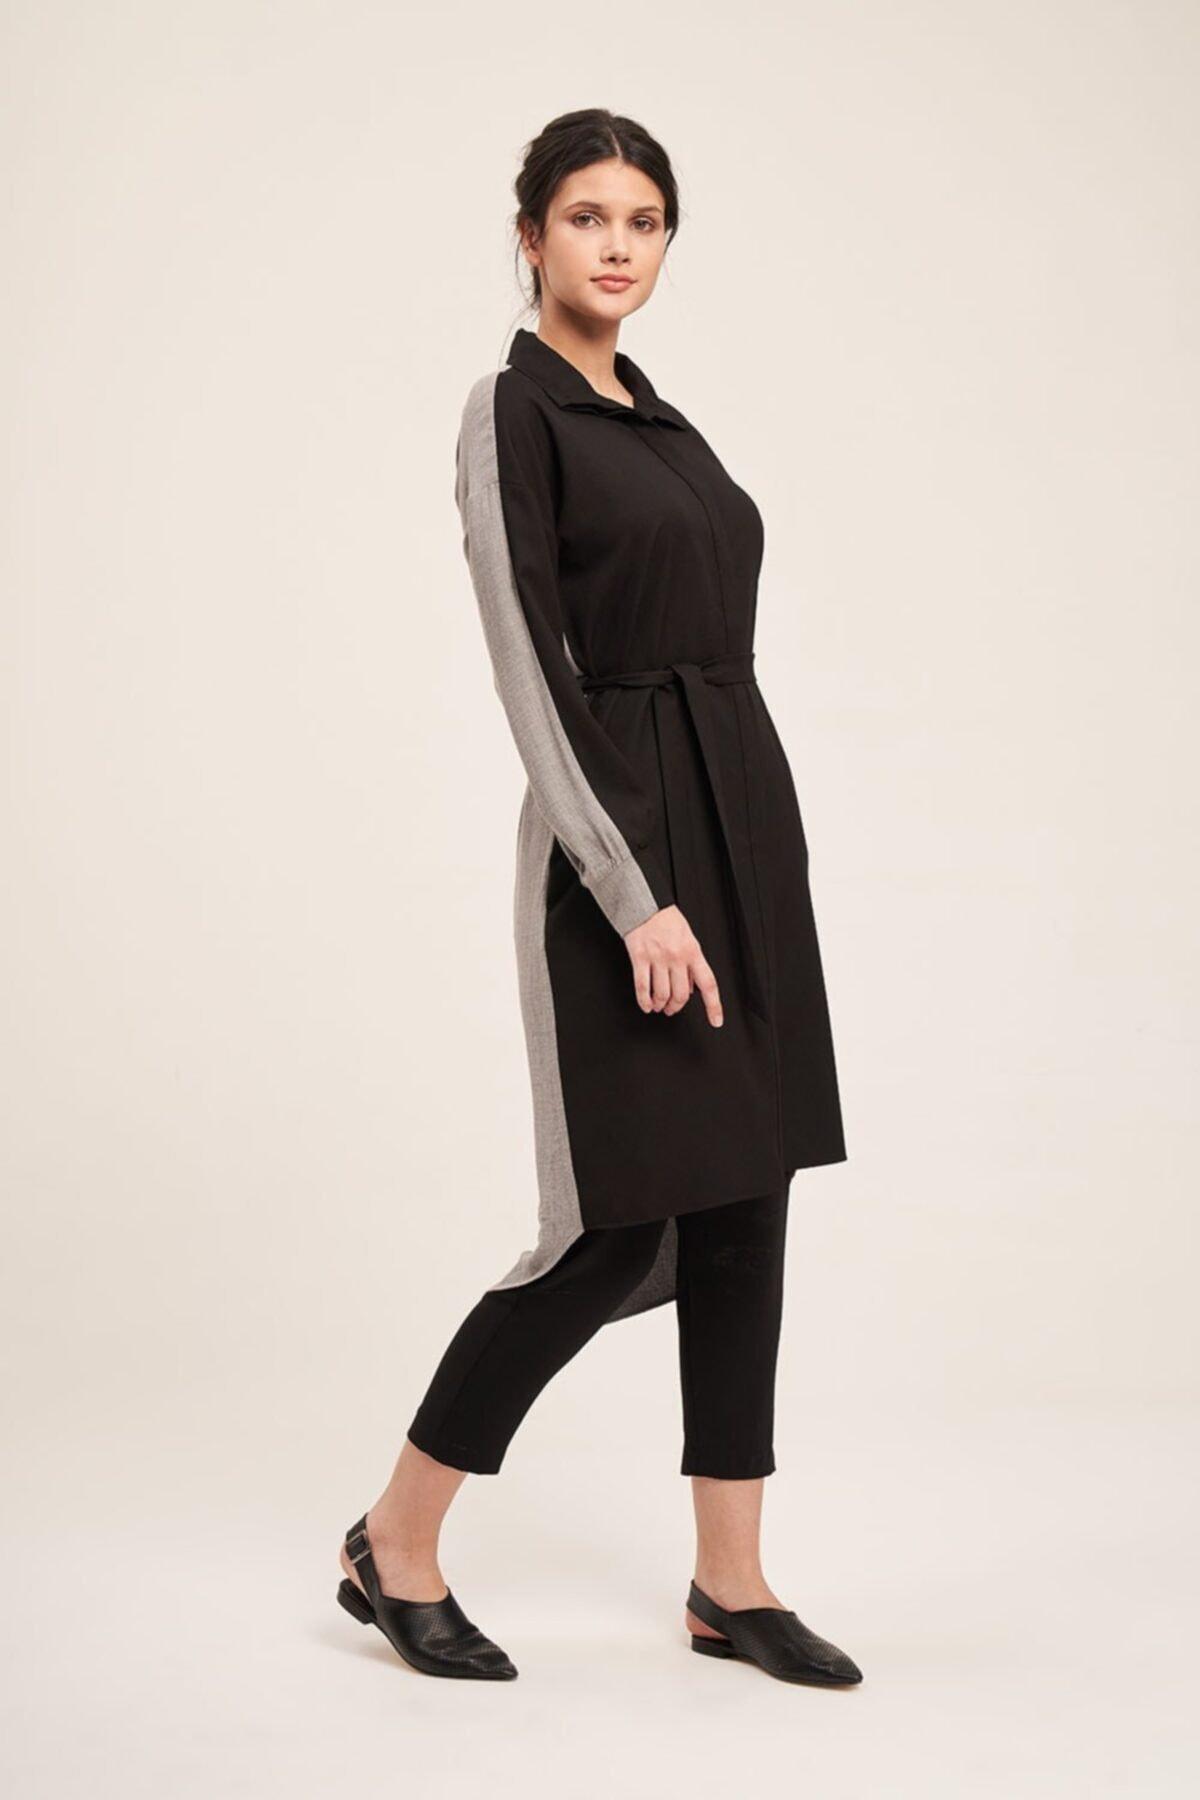 Mizalle Çift Renkli Tunik Elbise (Gri/siyah) 1